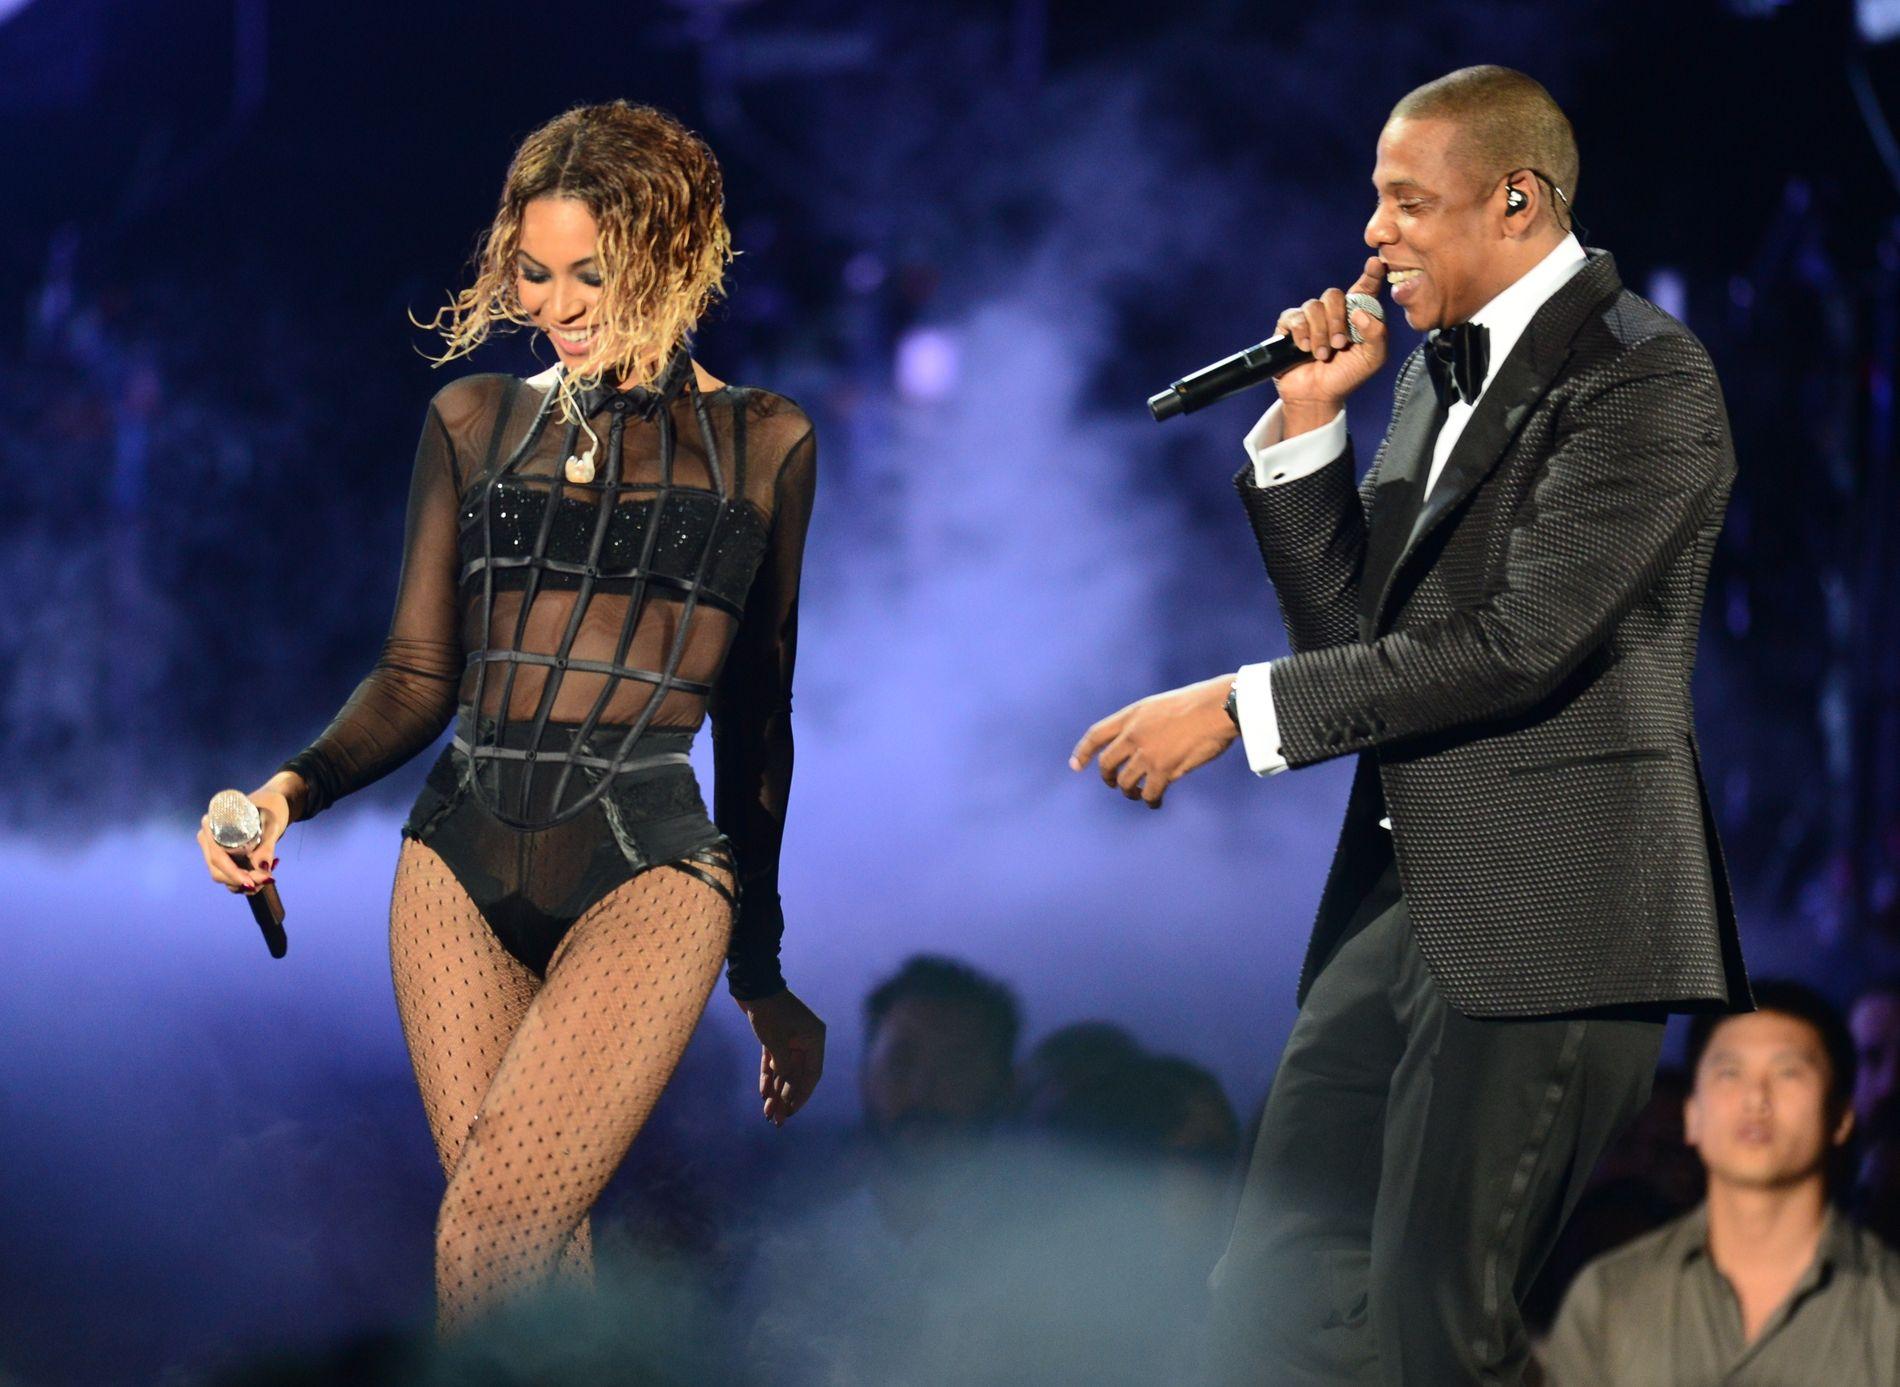 SAMMEN: Beyoncé Knowles og Jay-Z har hatt sine veldokumenterte utfordringer i forholdet. Nå har de laget plate for å dokumentere det motsatte. Her fra en tidligere anledning.